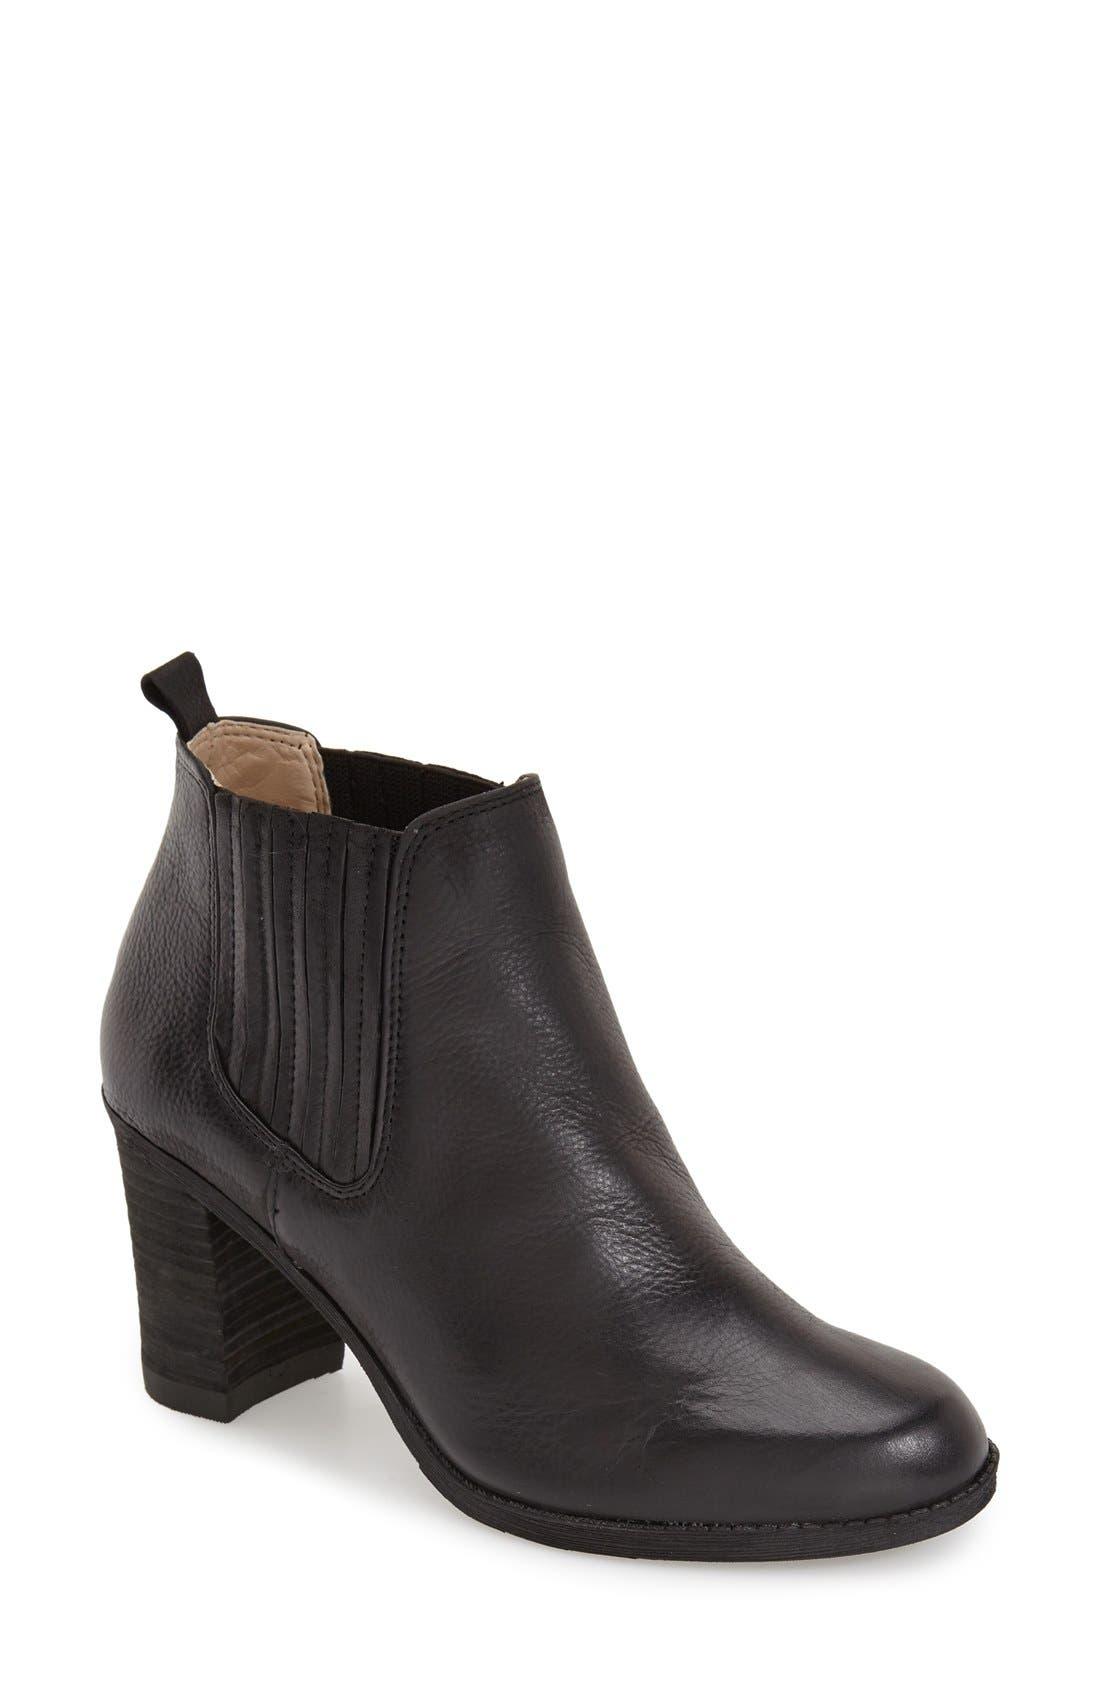 Alternate Image 1 Selected - Dr. Scholl's Original Collection 'London' Block Heel Bootie (Women)